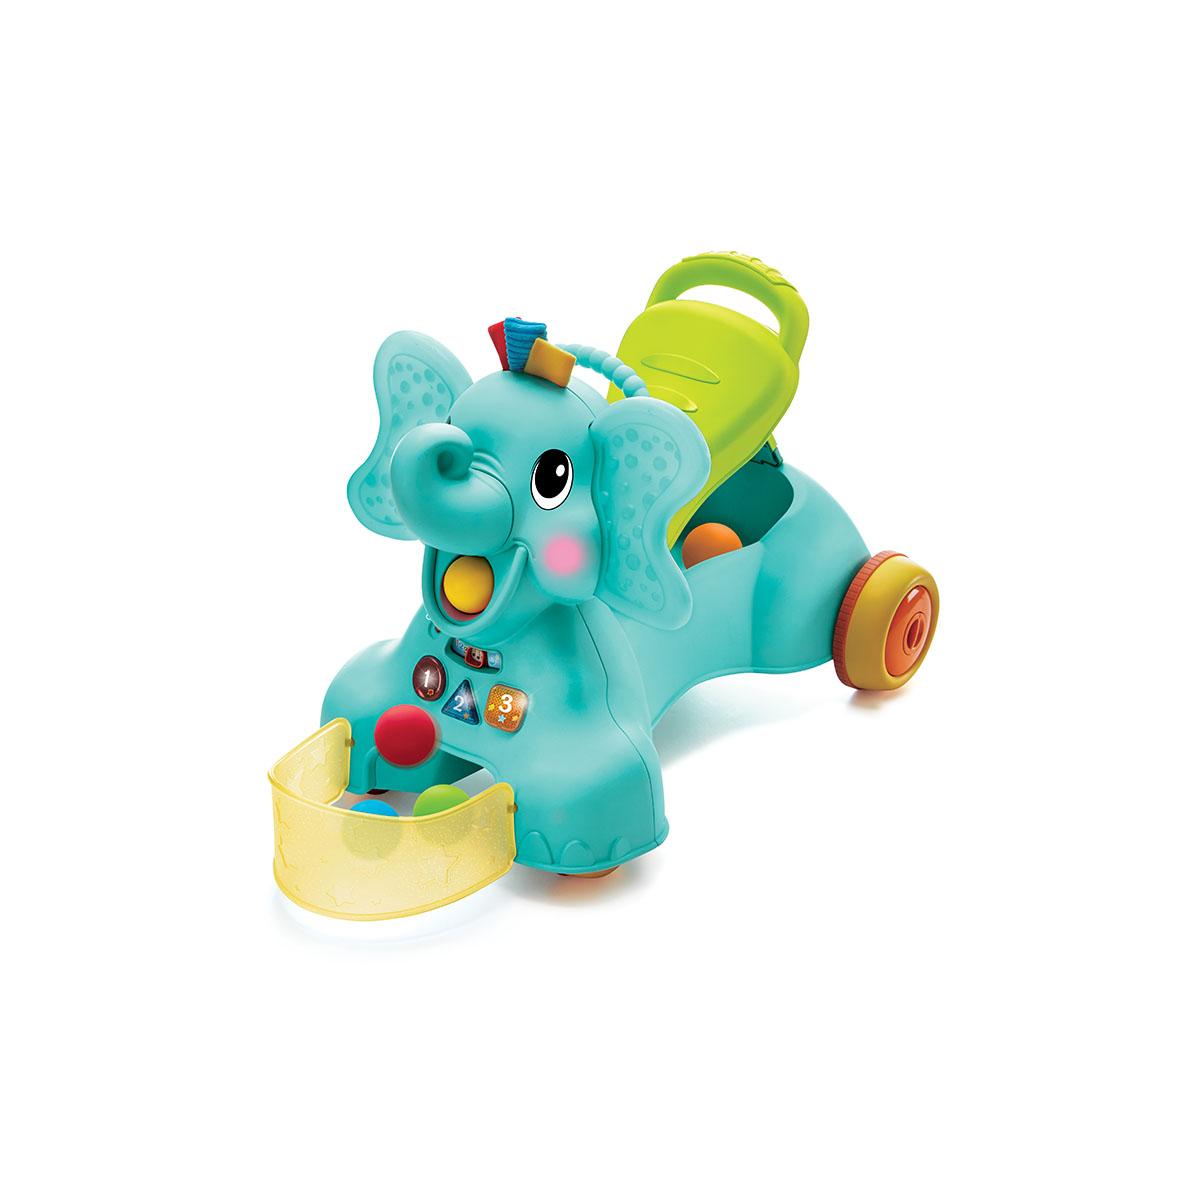 B kids igračka za prohodavanje 3u1 slon